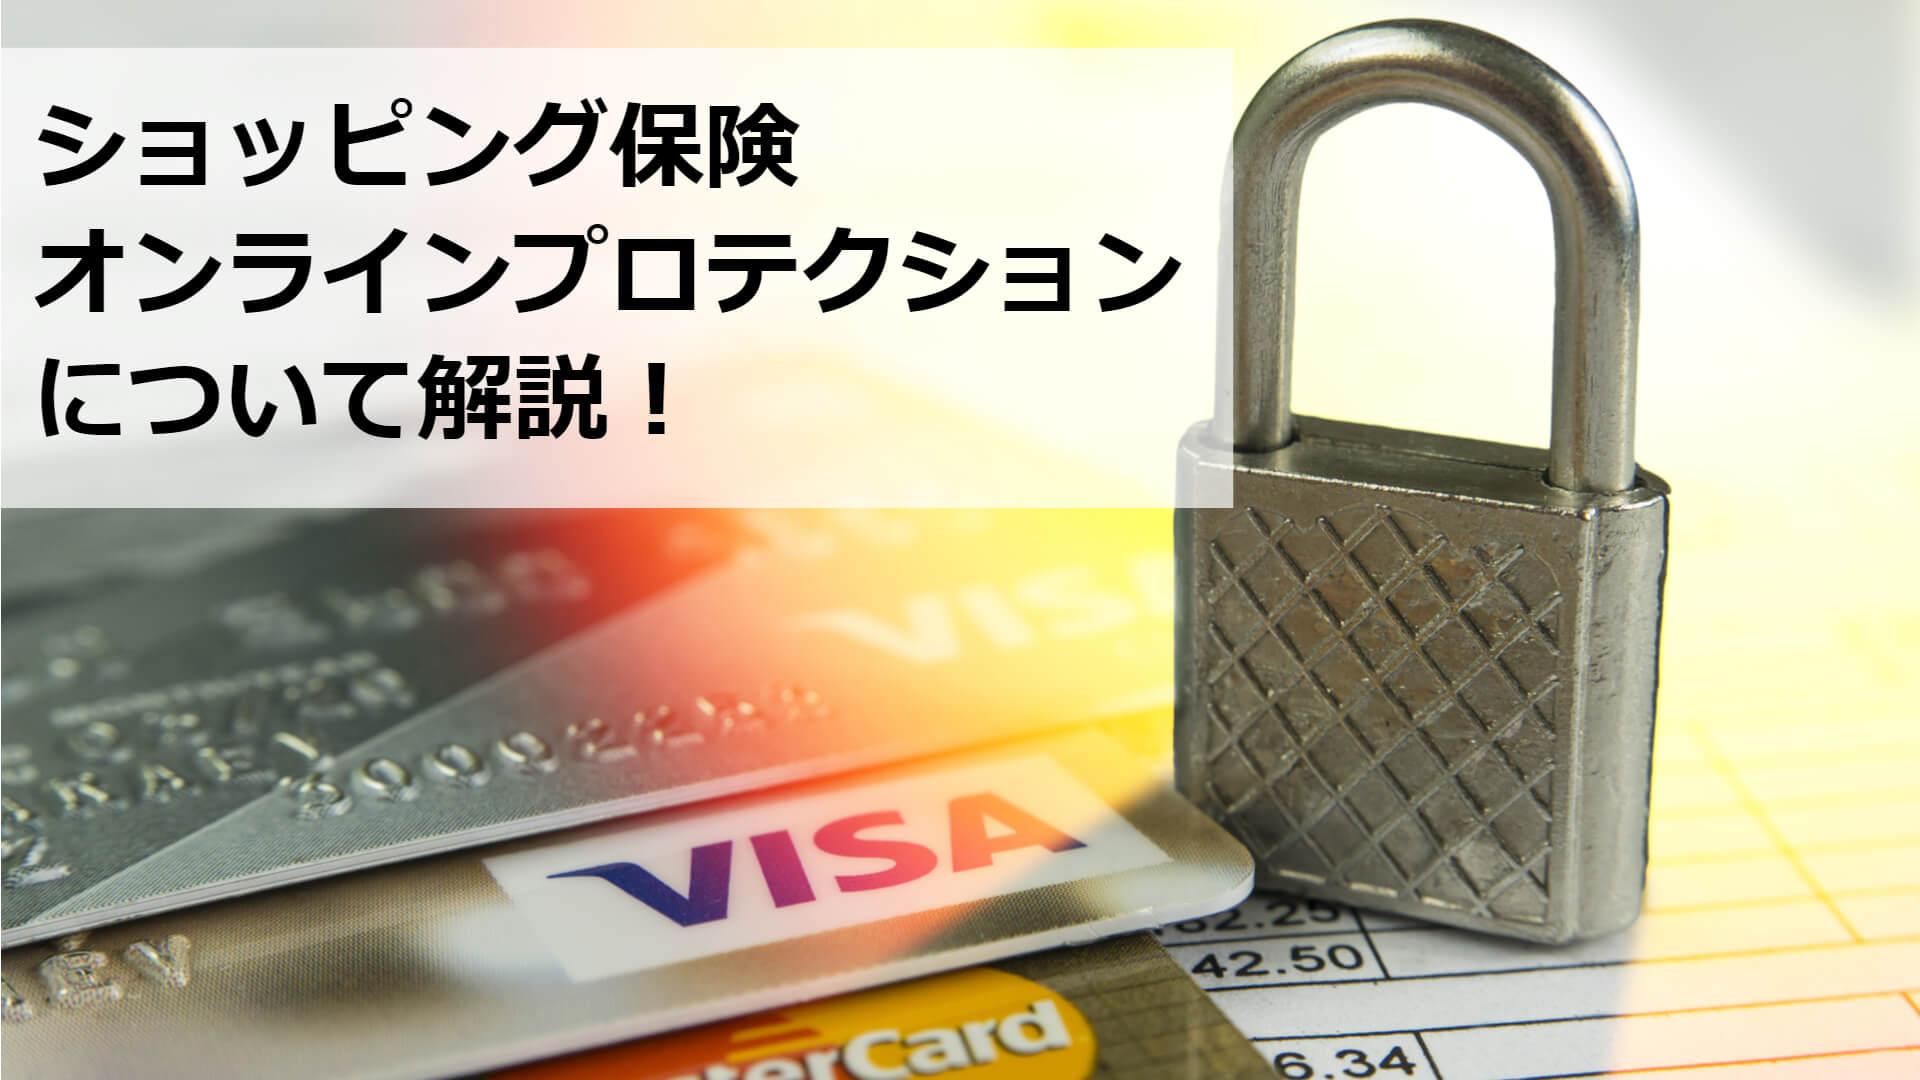 ショッピング保険・オンラインプロテクション